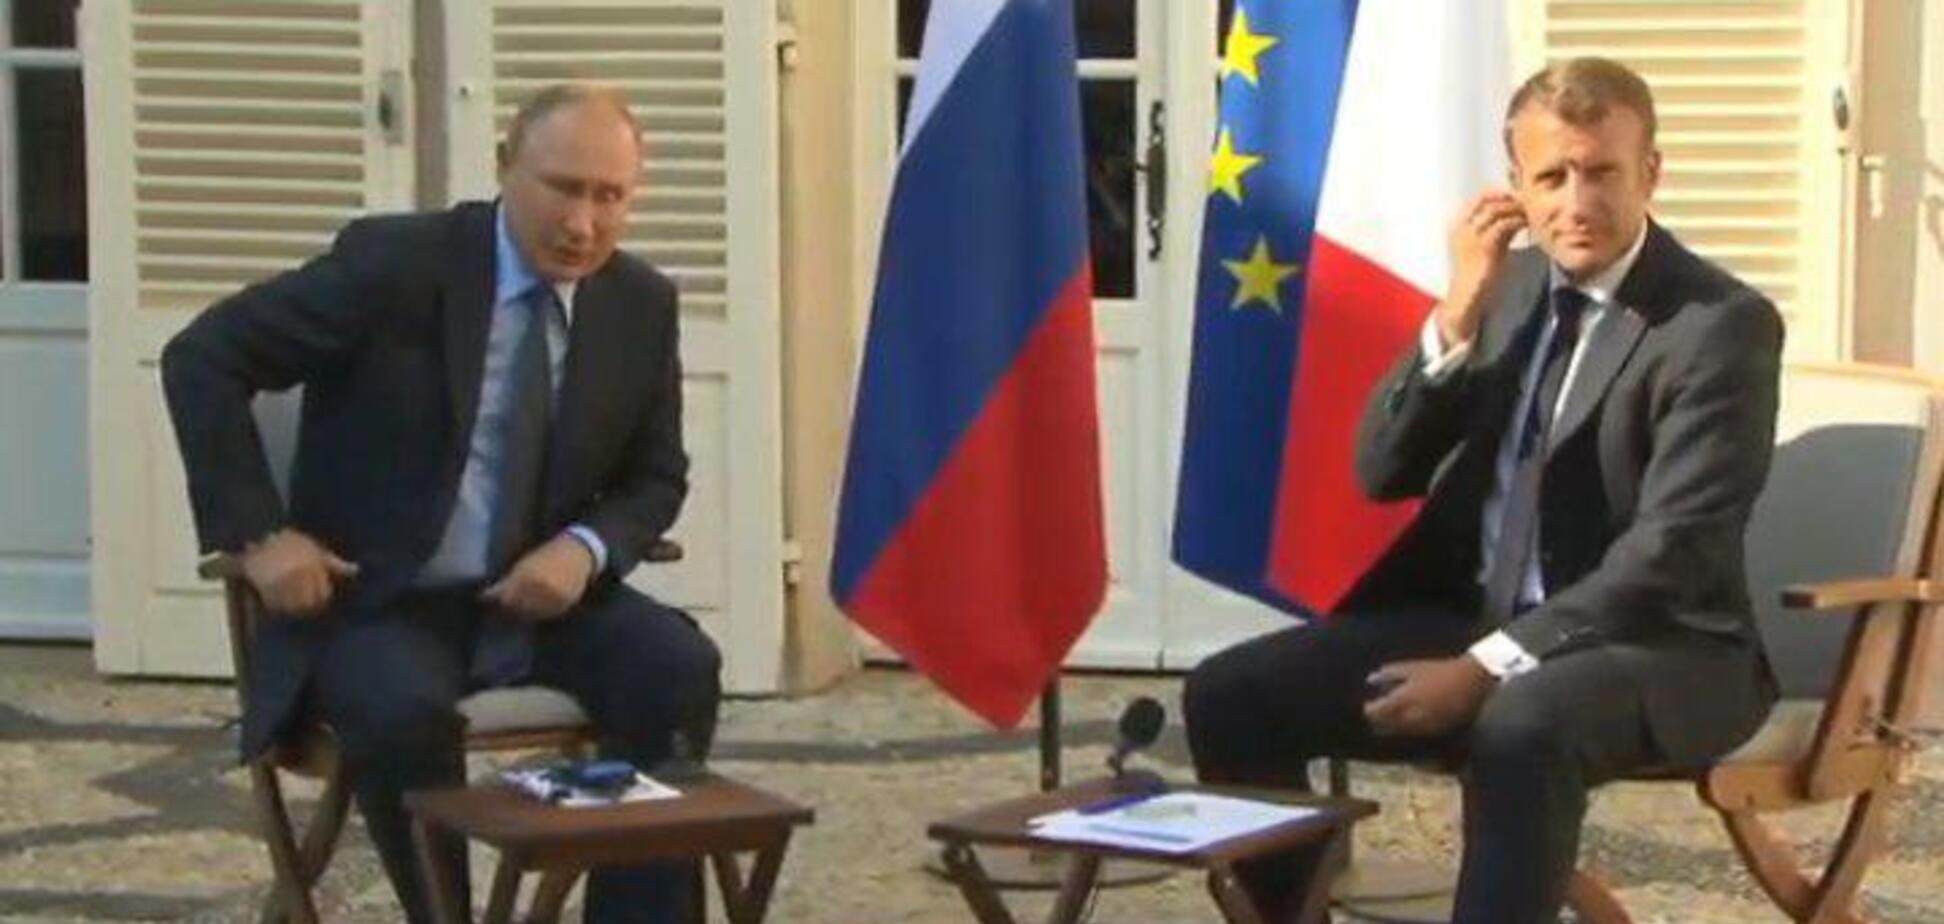 'Велика держава!' Макрон раптово 'прогнувся' під Путіна у Франції